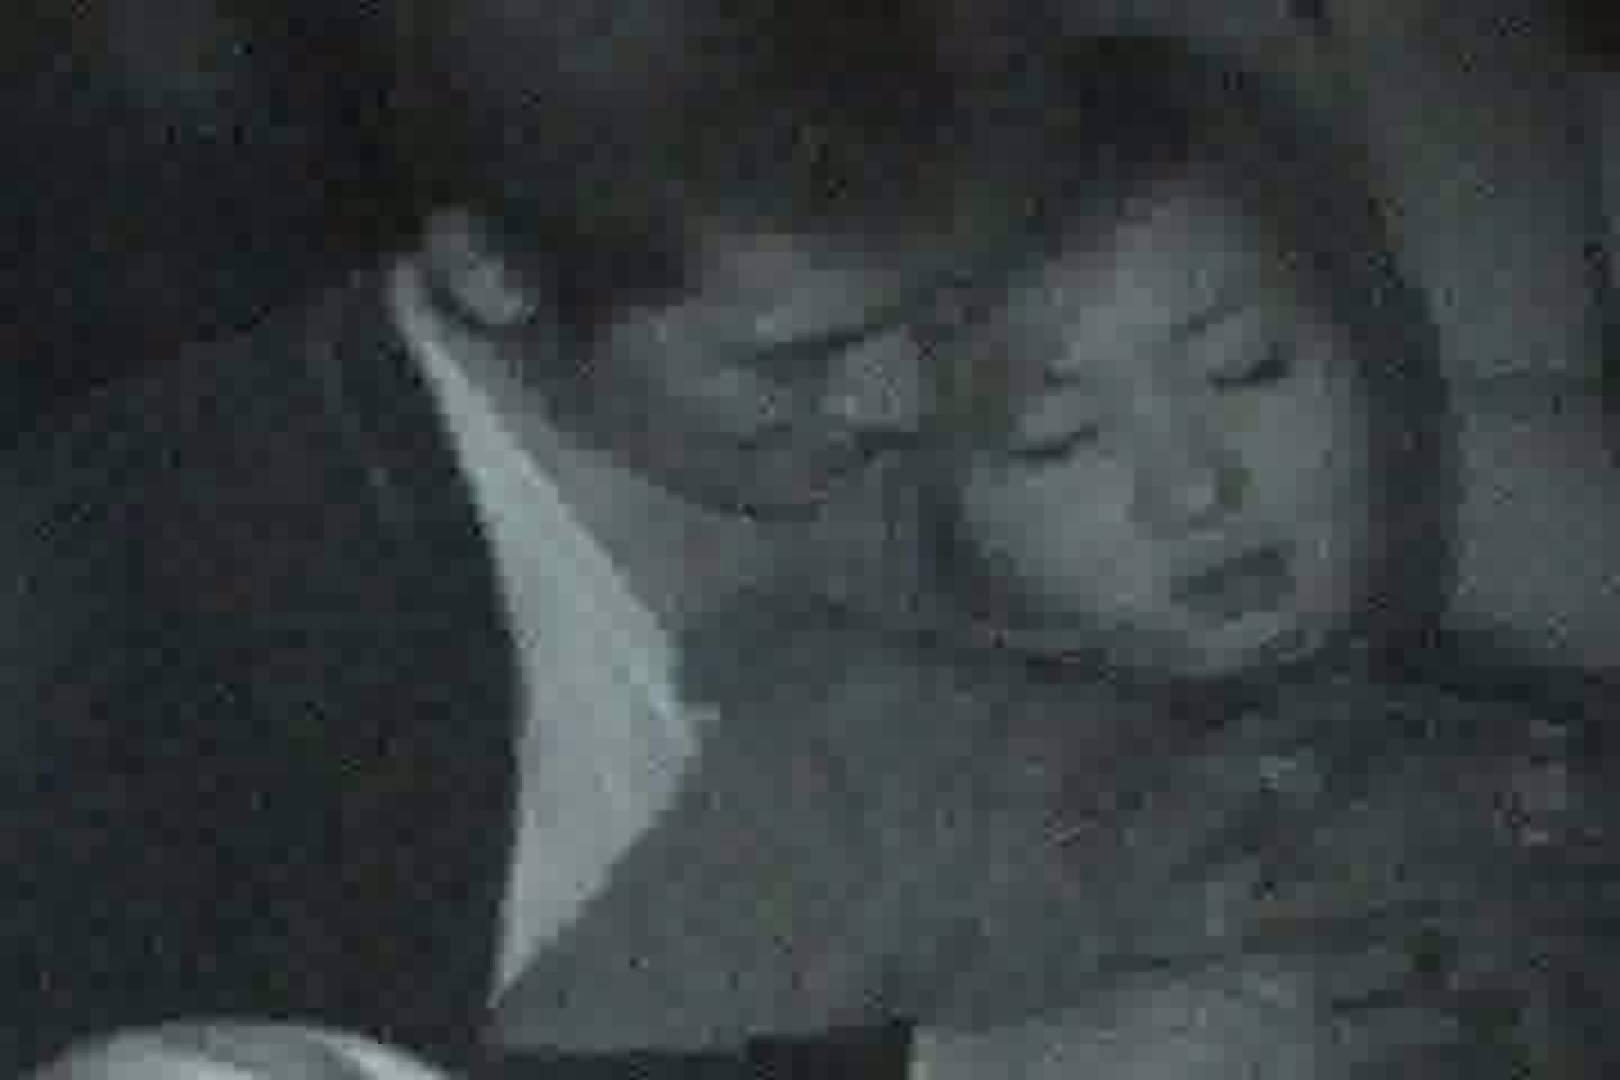 充血監督の深夜の運動会Vol.2 素人丸裸 おまんこ動画流出 84pic 70